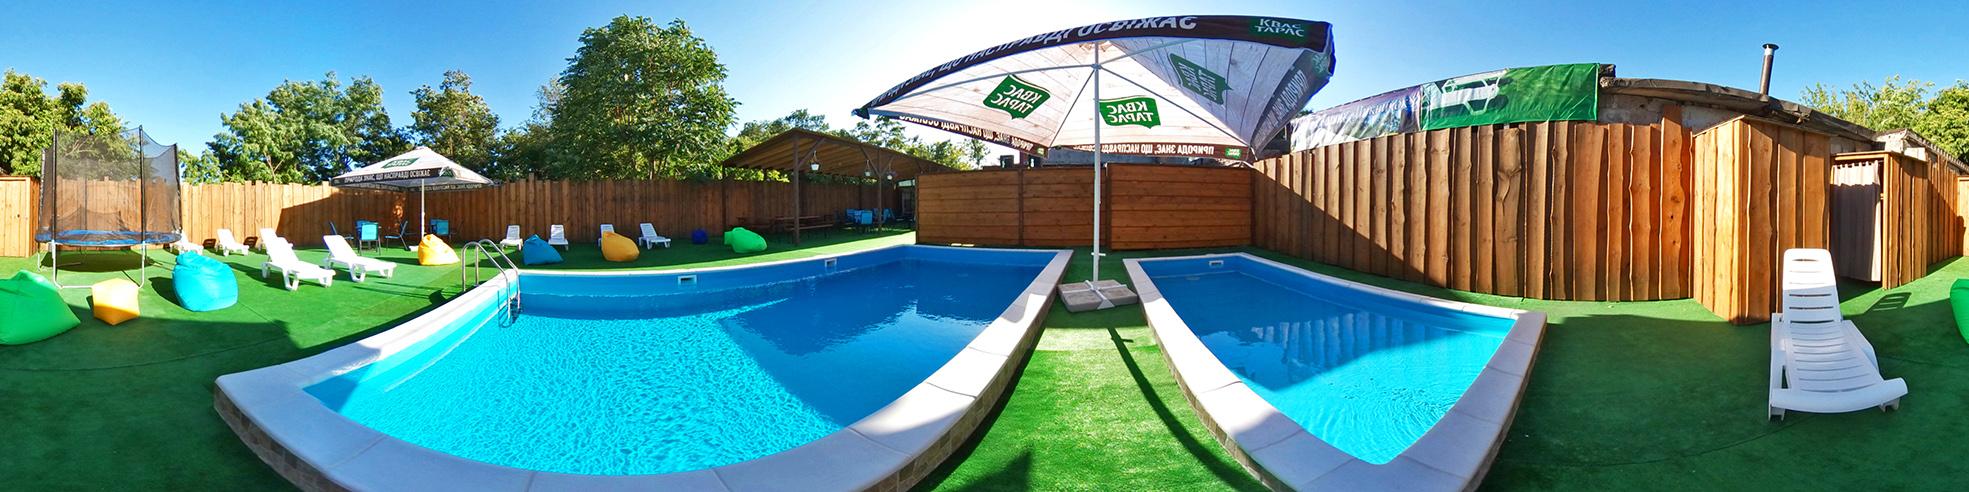 Пикник-зона с бассейном